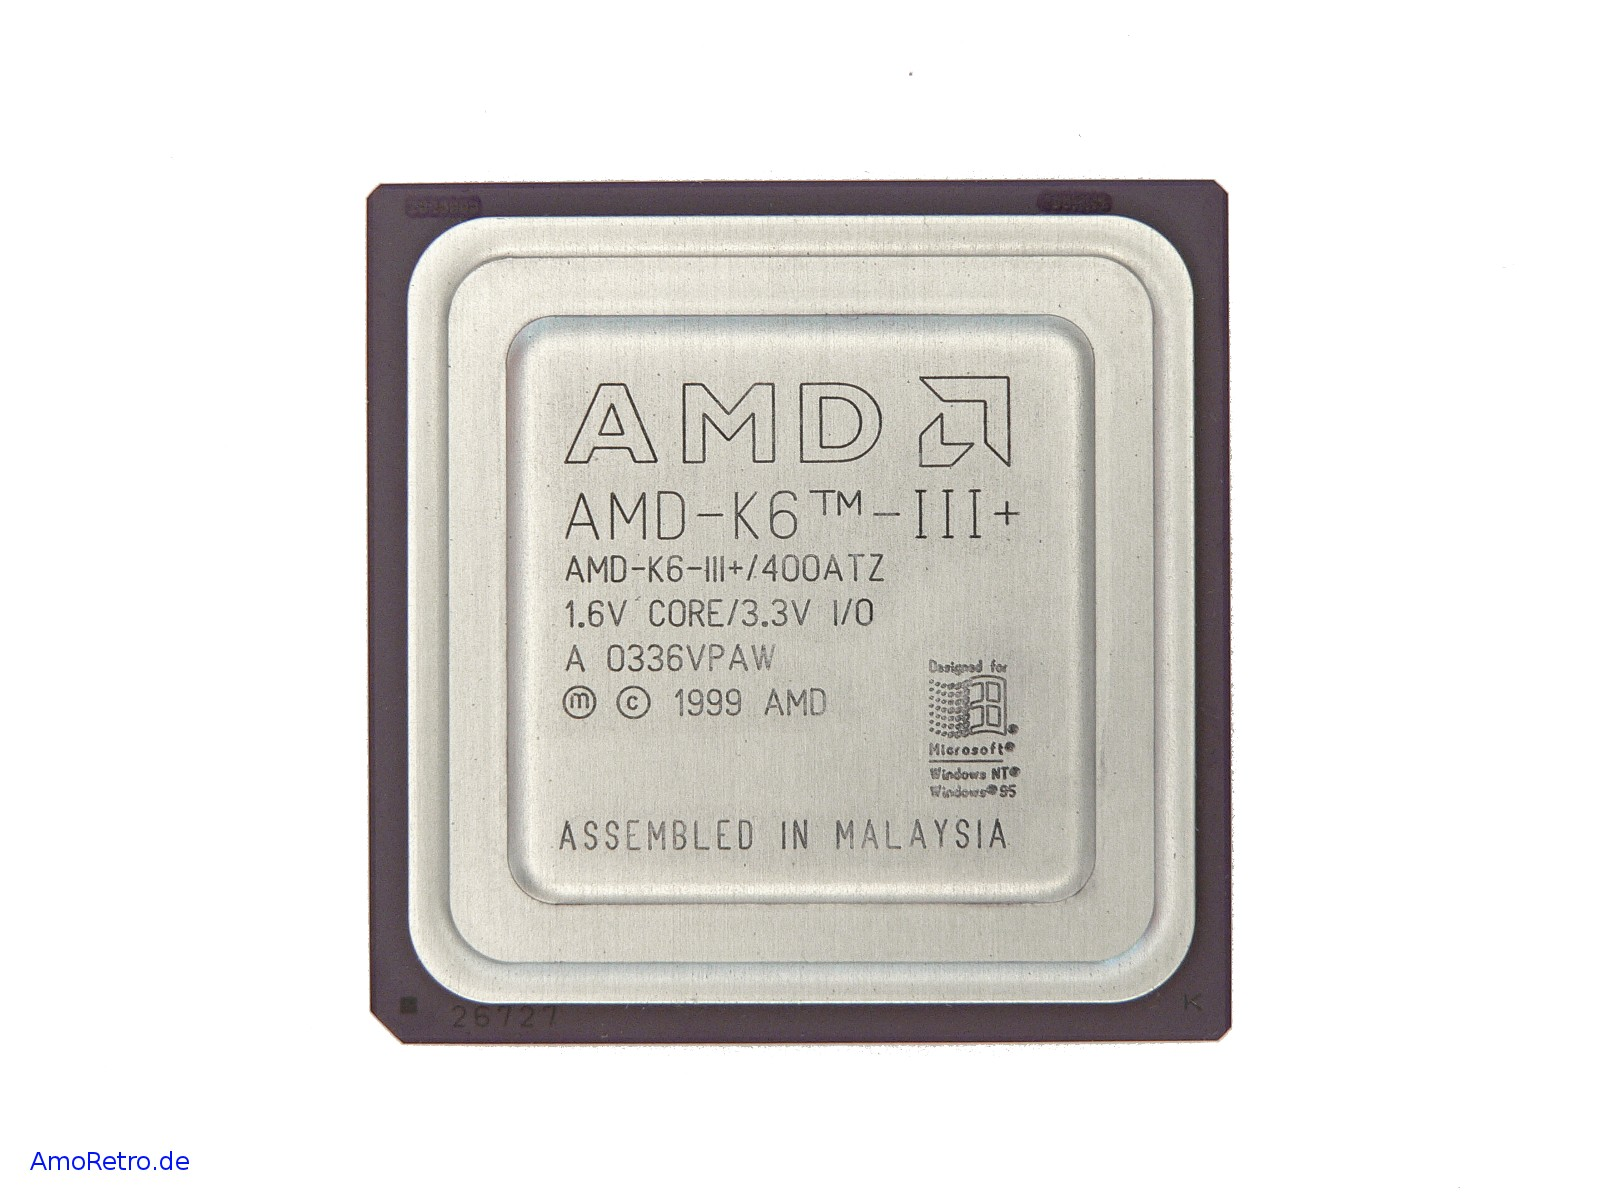 Amd K6 Iii 400 Mhz Cpu Amd K6 Iii 400atz 1 6v F R